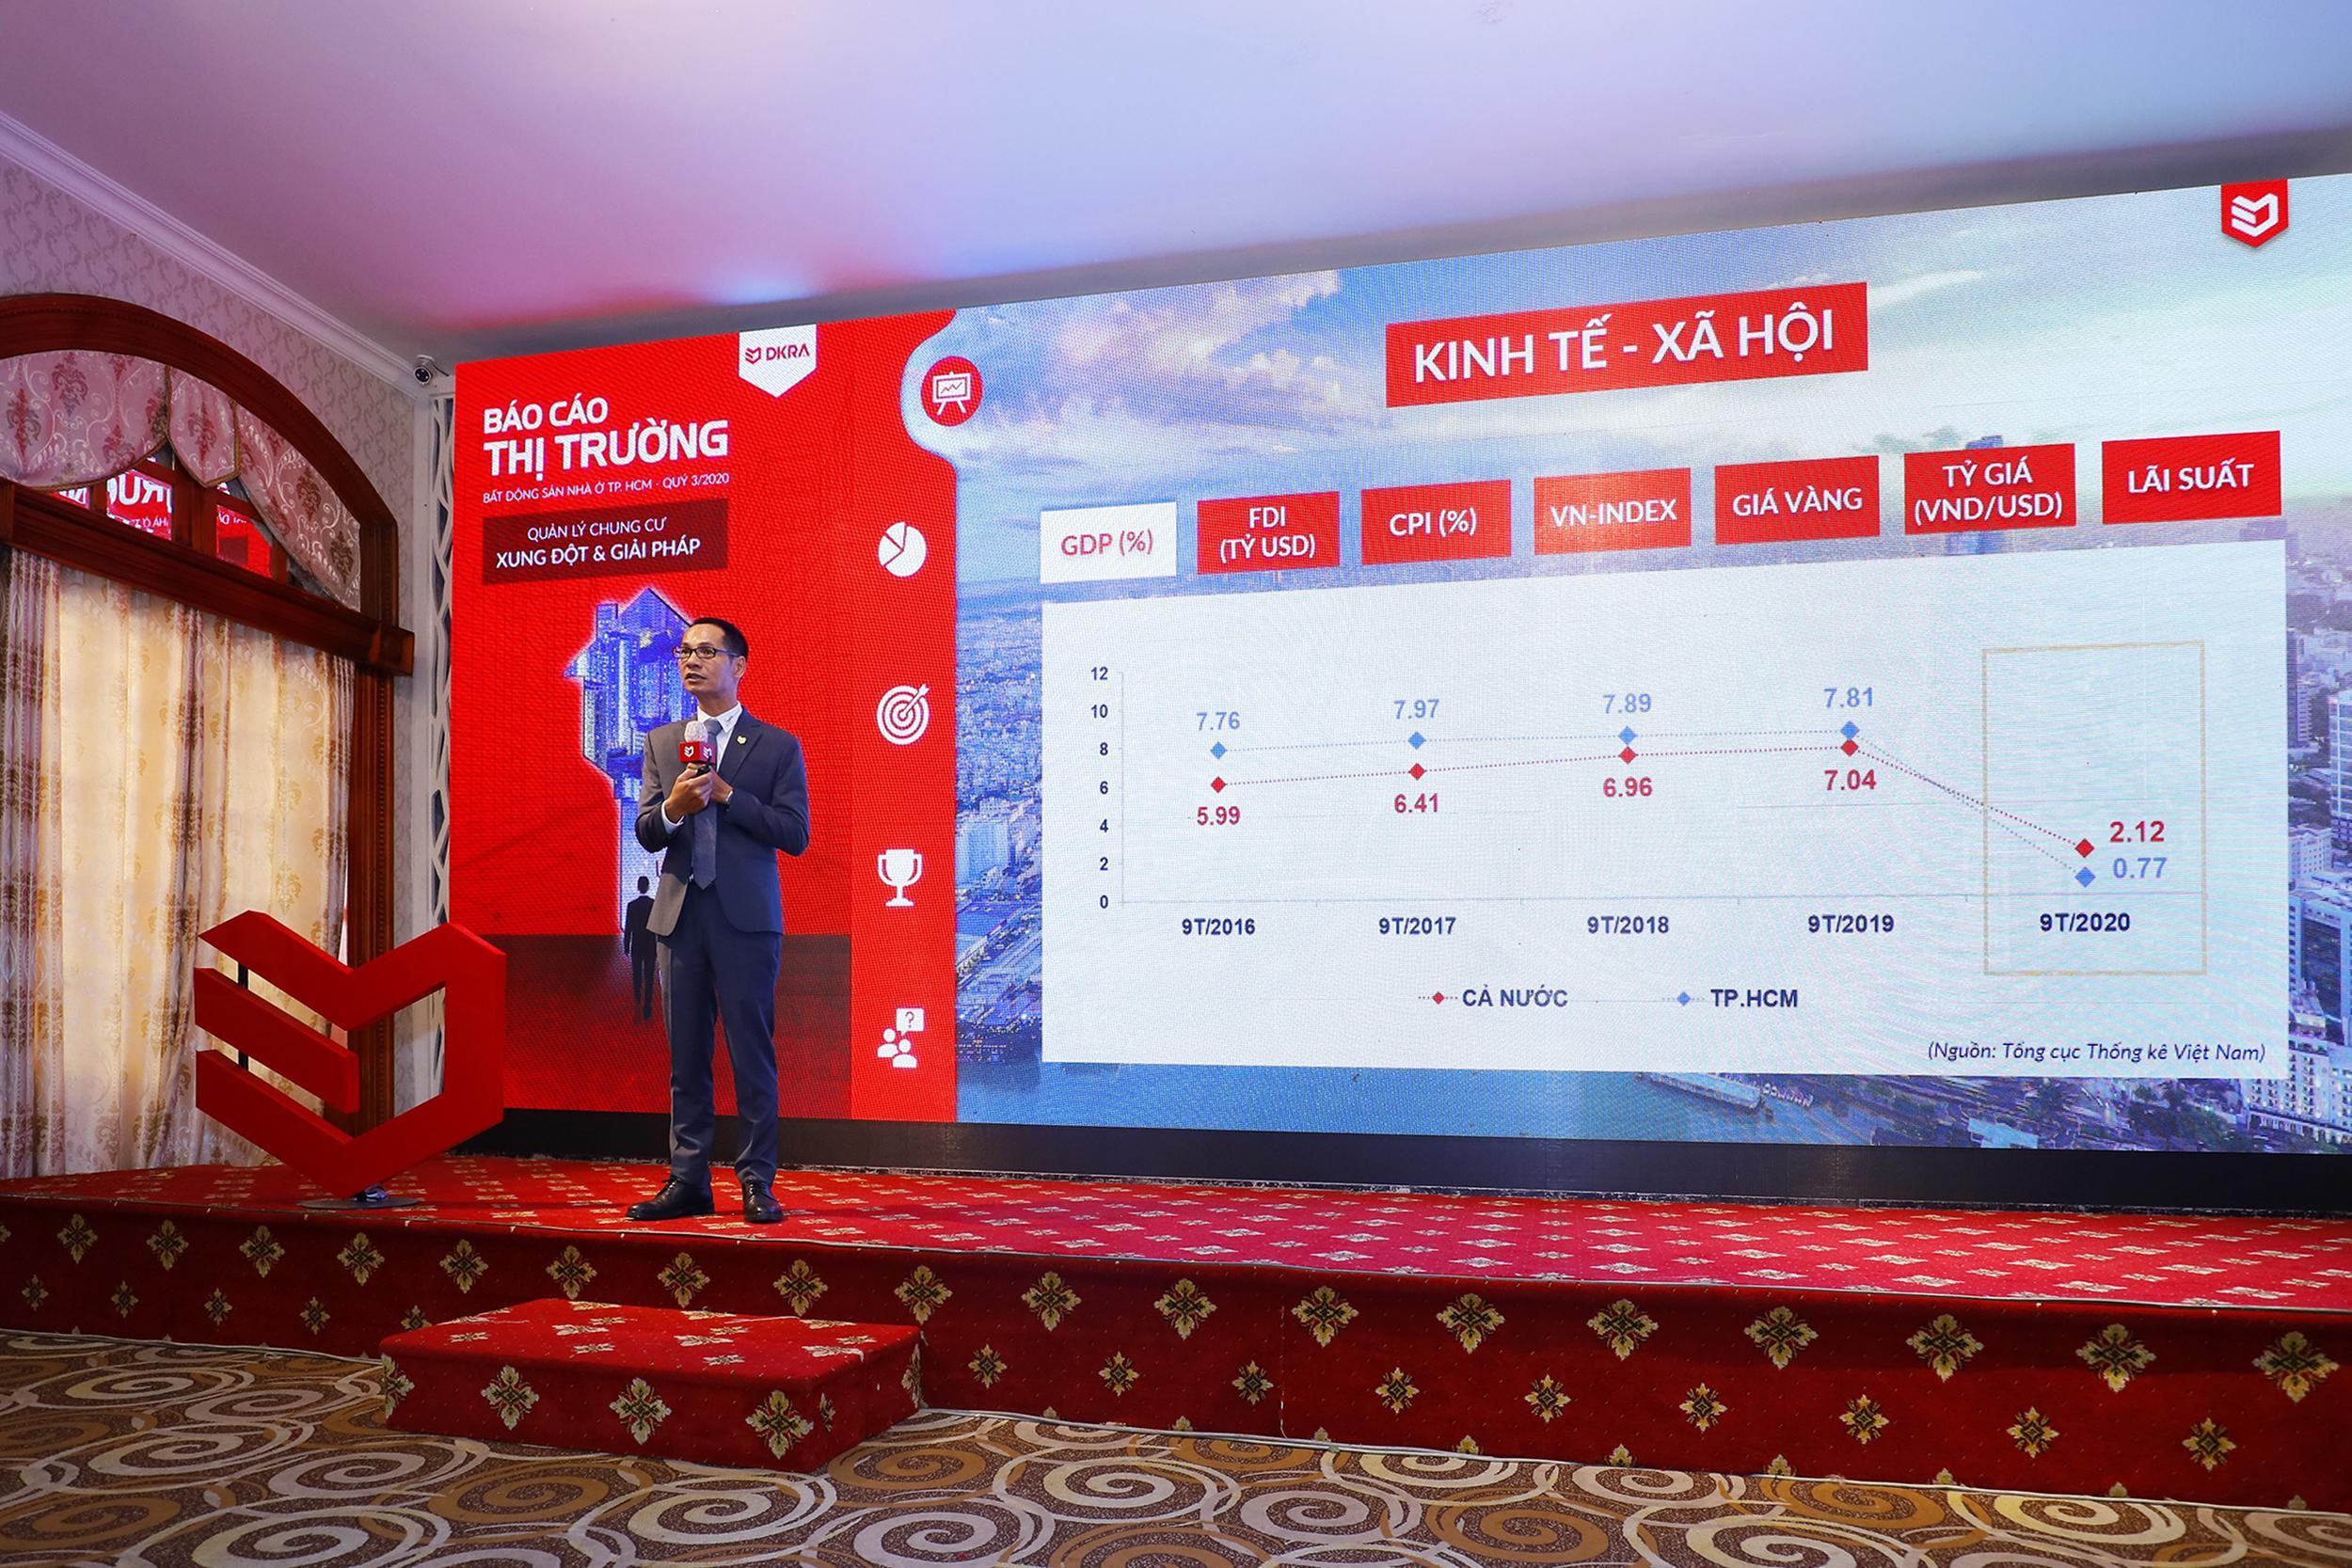 Ông Nguyễn Hoàng - Giám đốc R&D DKRA Vietnam trình bày diễn biến thị trường bất động sản Quý III, đồng thời dự đoán tình hình thị trường bất động sản 3 tháng cuối năm.